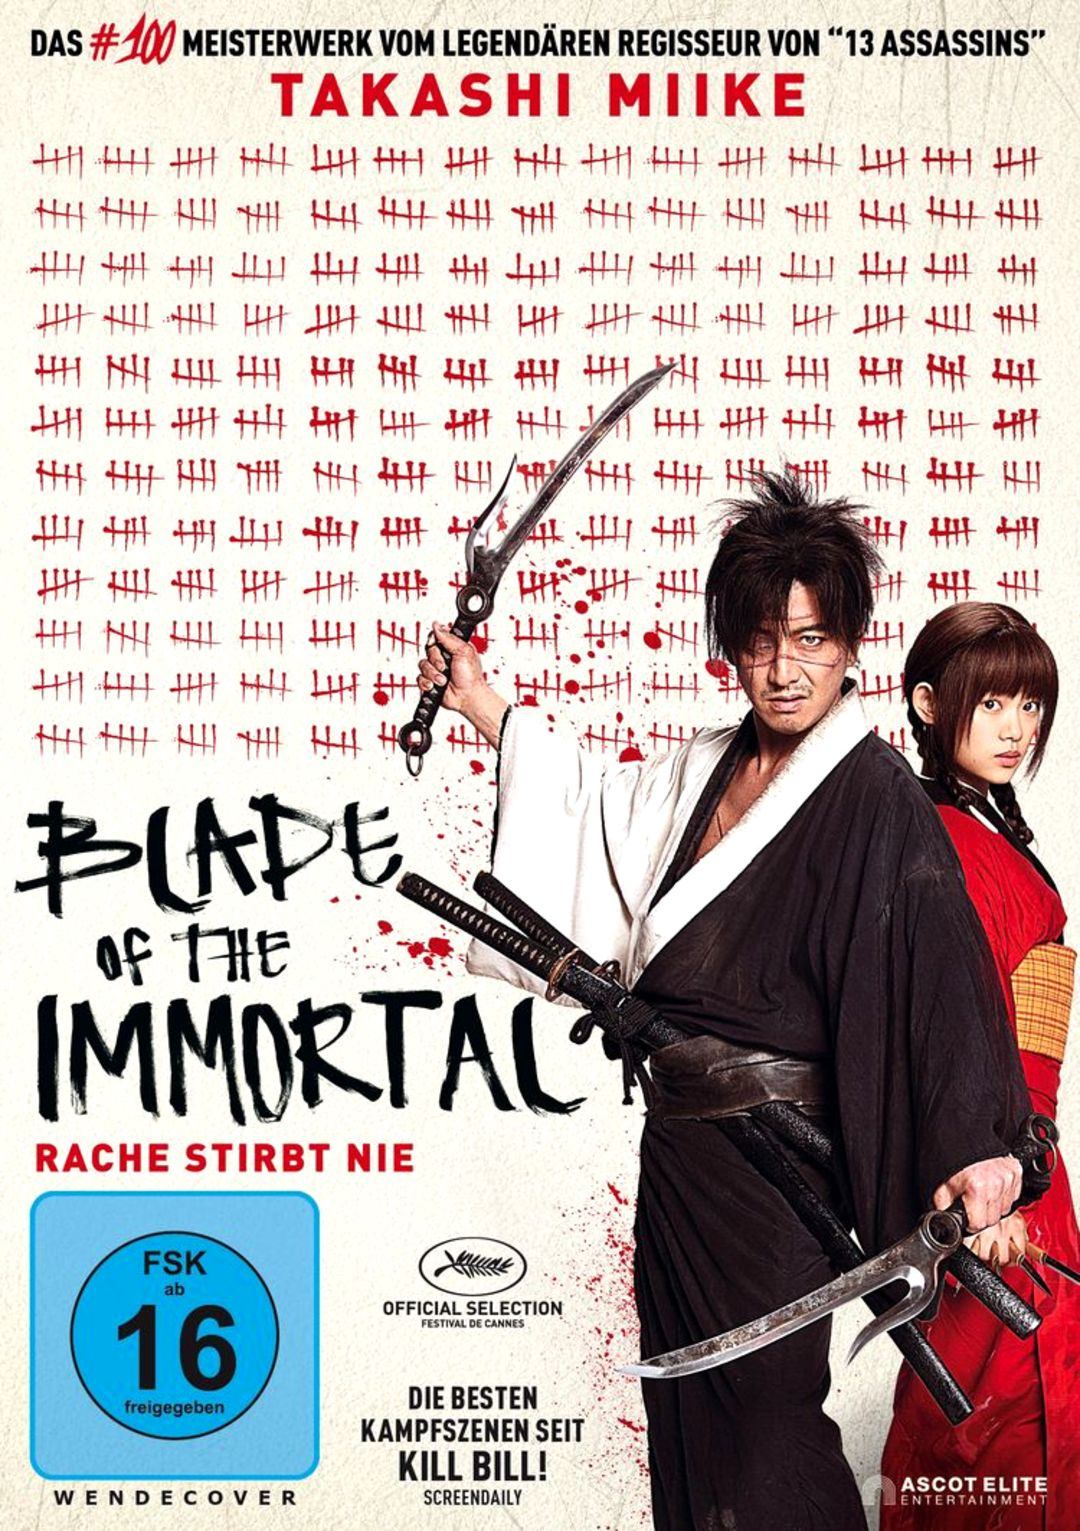 Blade Of The Immortal Trailer - Bild 1 von 15